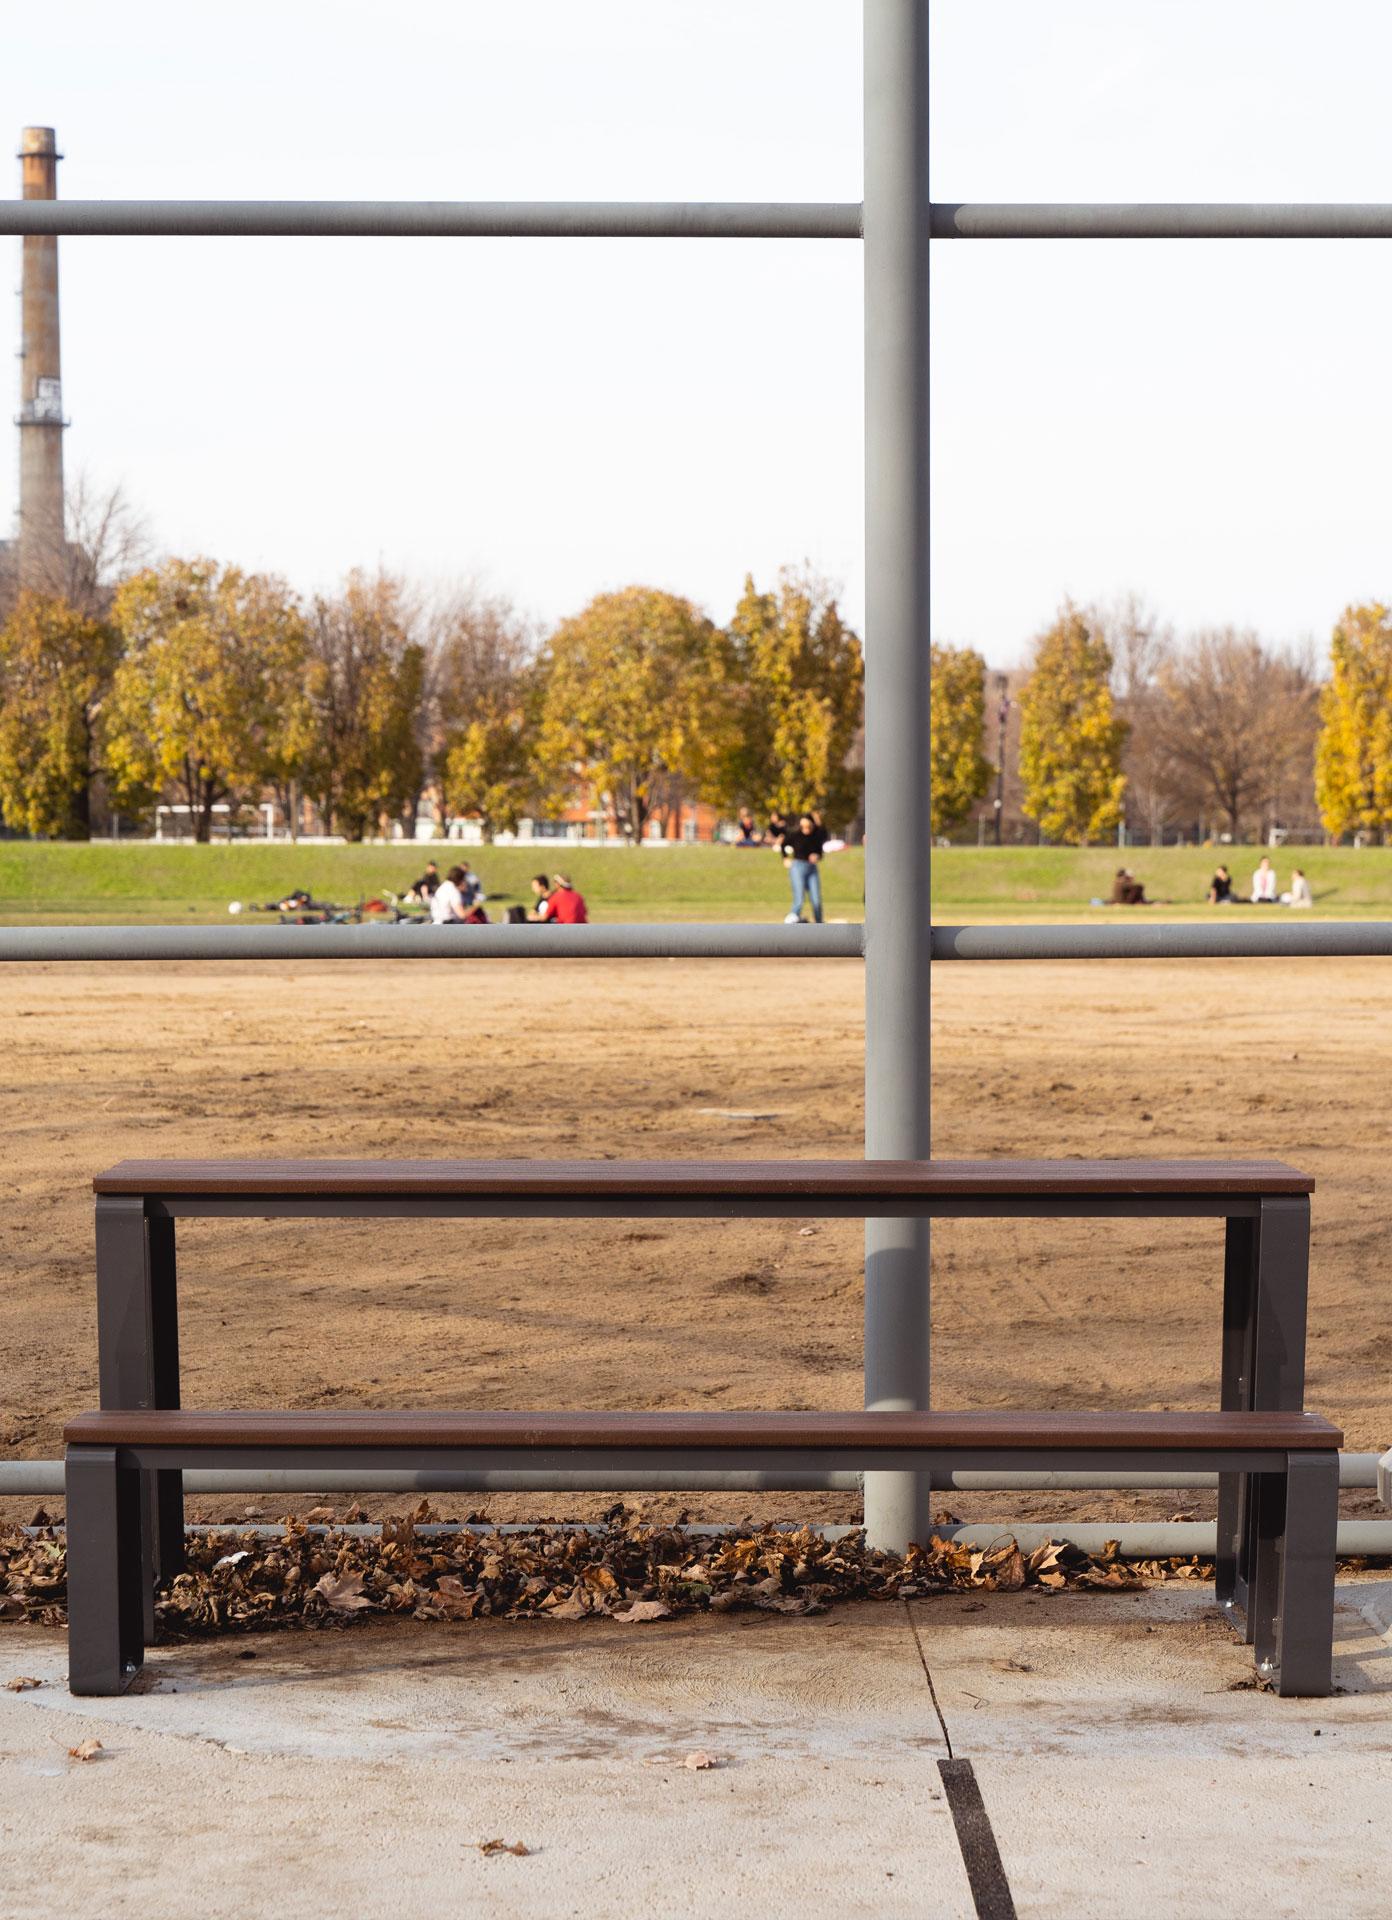 Groupe exercice sport extérieur